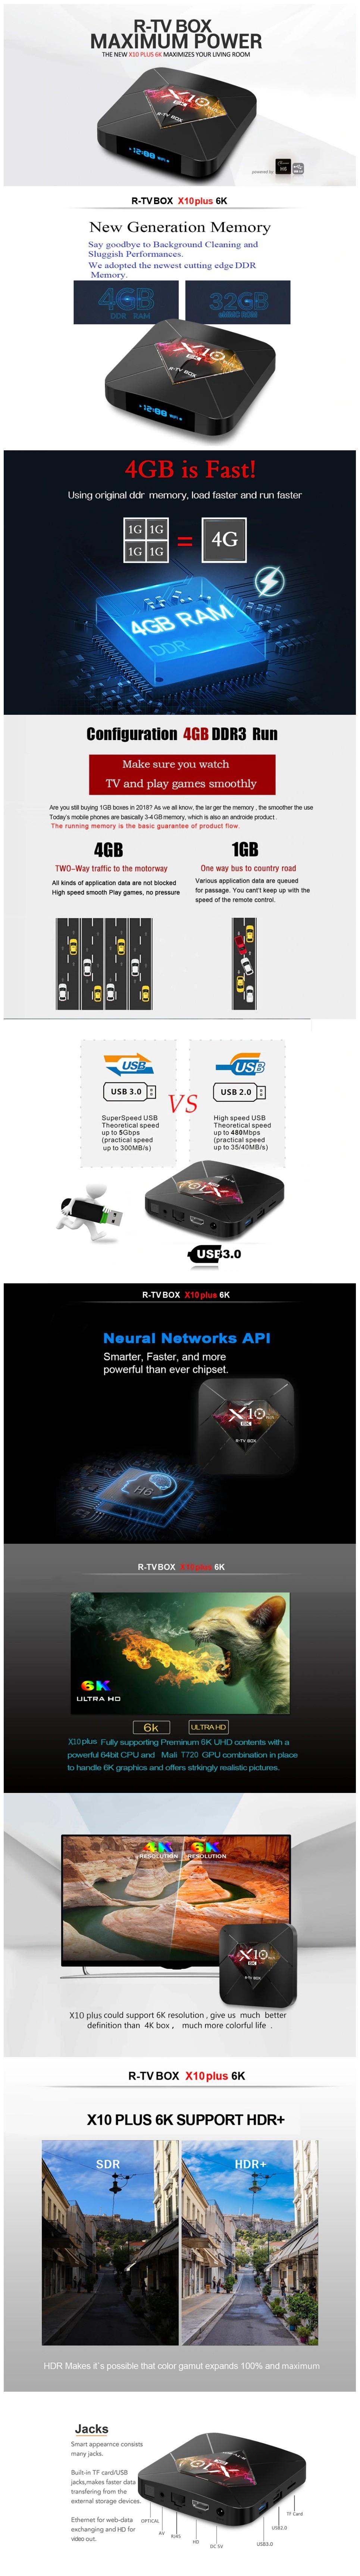 prezentare-R-TV-BOX-10-PLUSb66a4e8b96f25047.jpg